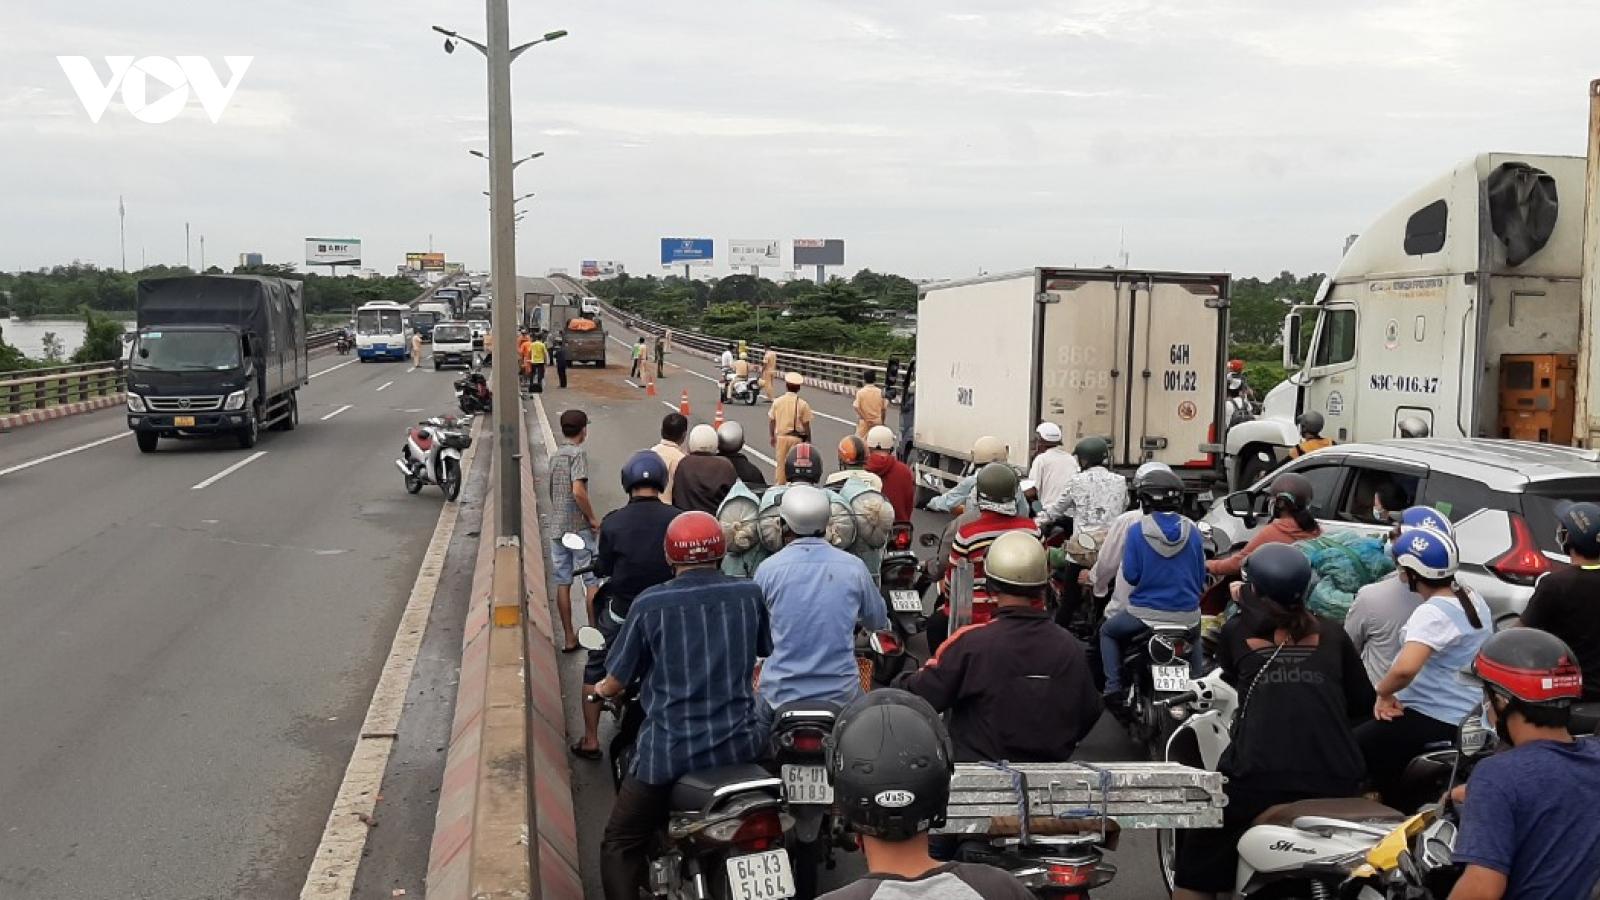 Phương tiện ùn ứ dài hàng km trên cầu Cần Thơ vì tai nạn giao thông